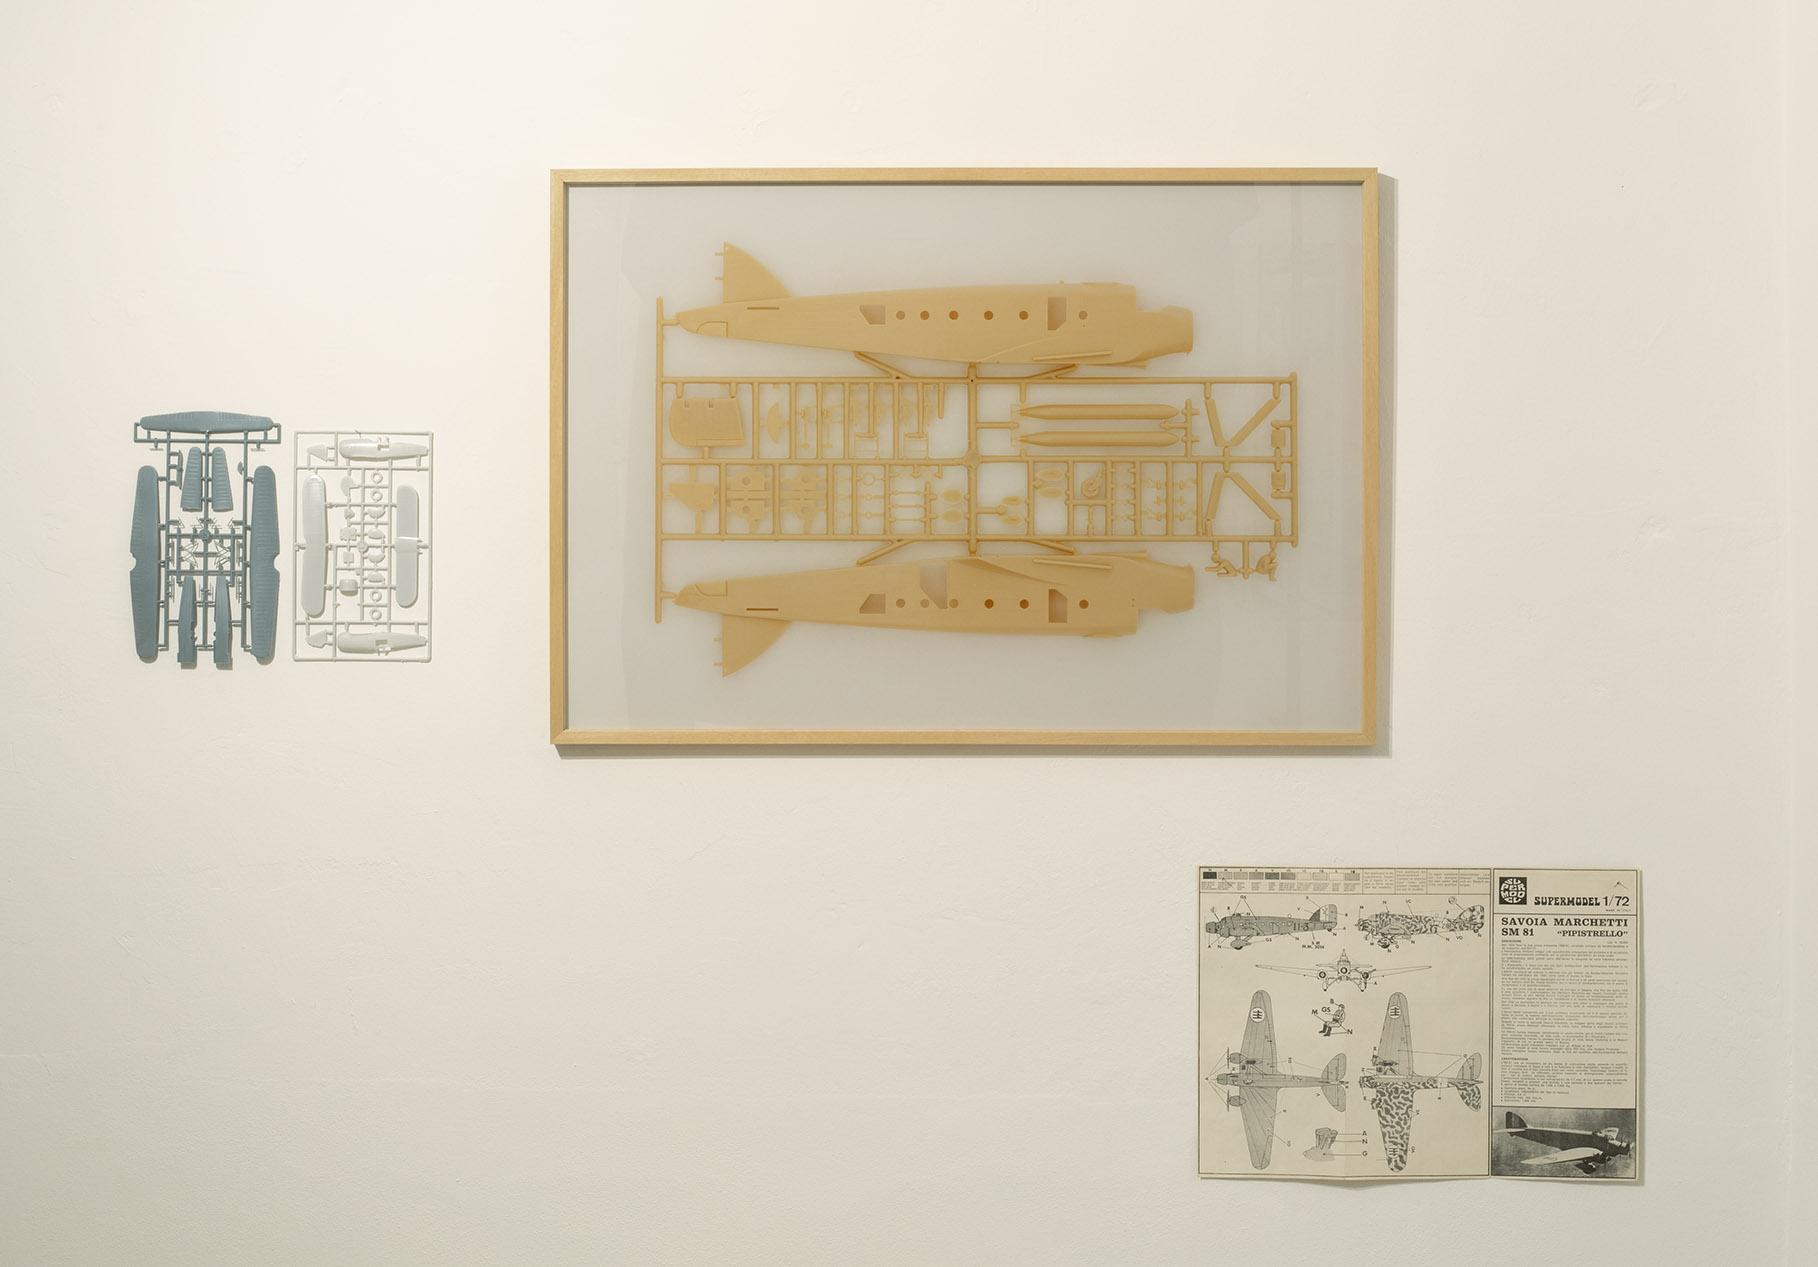 stampa fotografica 70x100, istruzioni e modellino